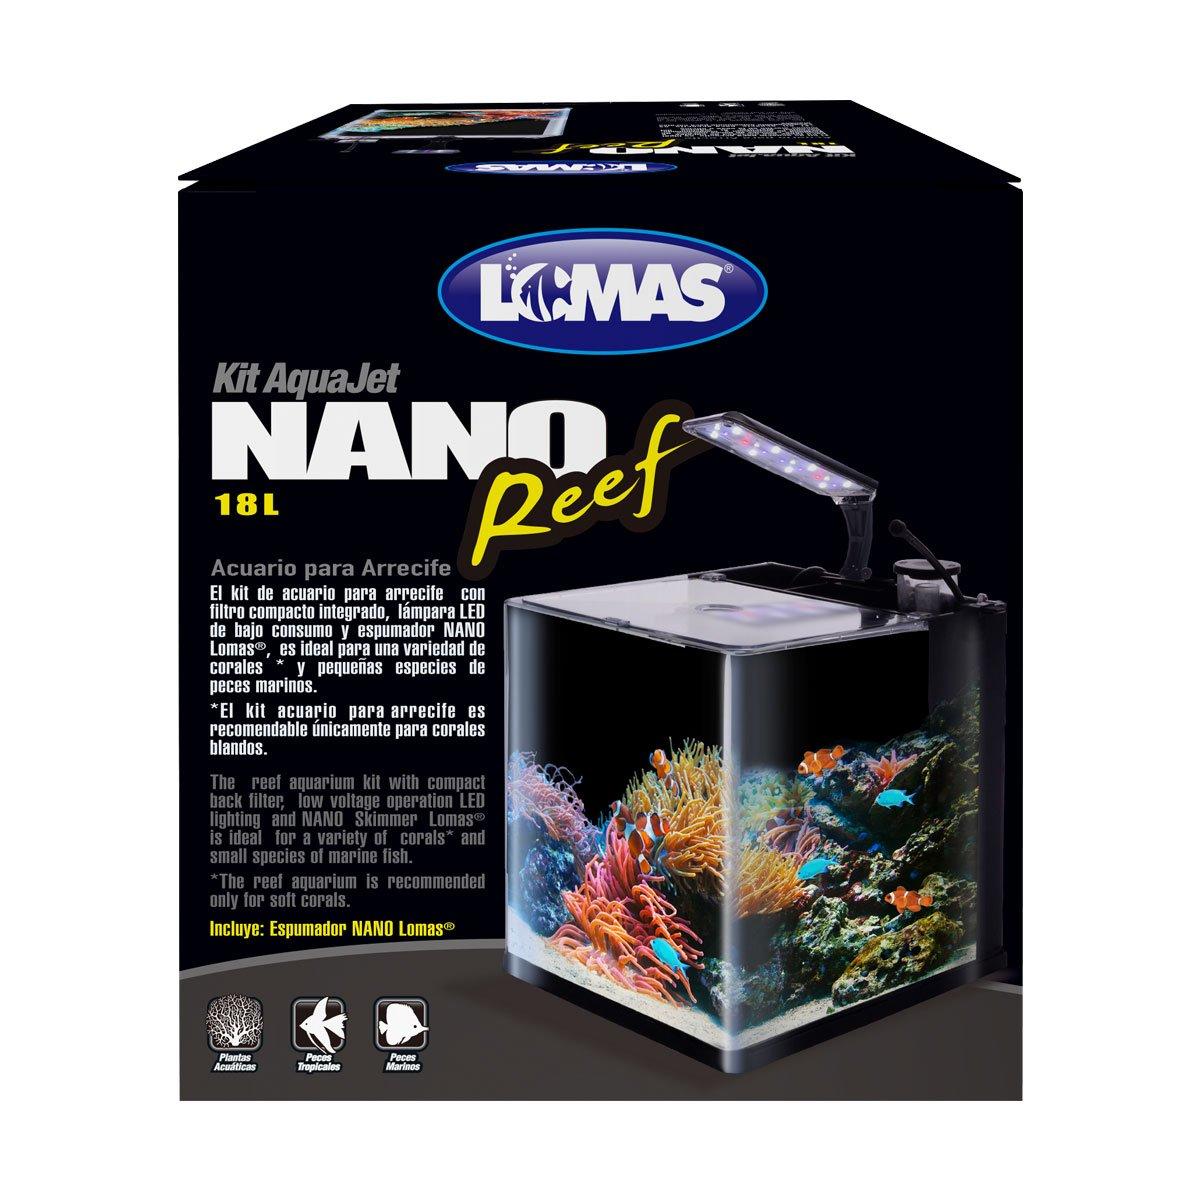 Acuario Nano Reef de 18 Lt Acuario Lomas